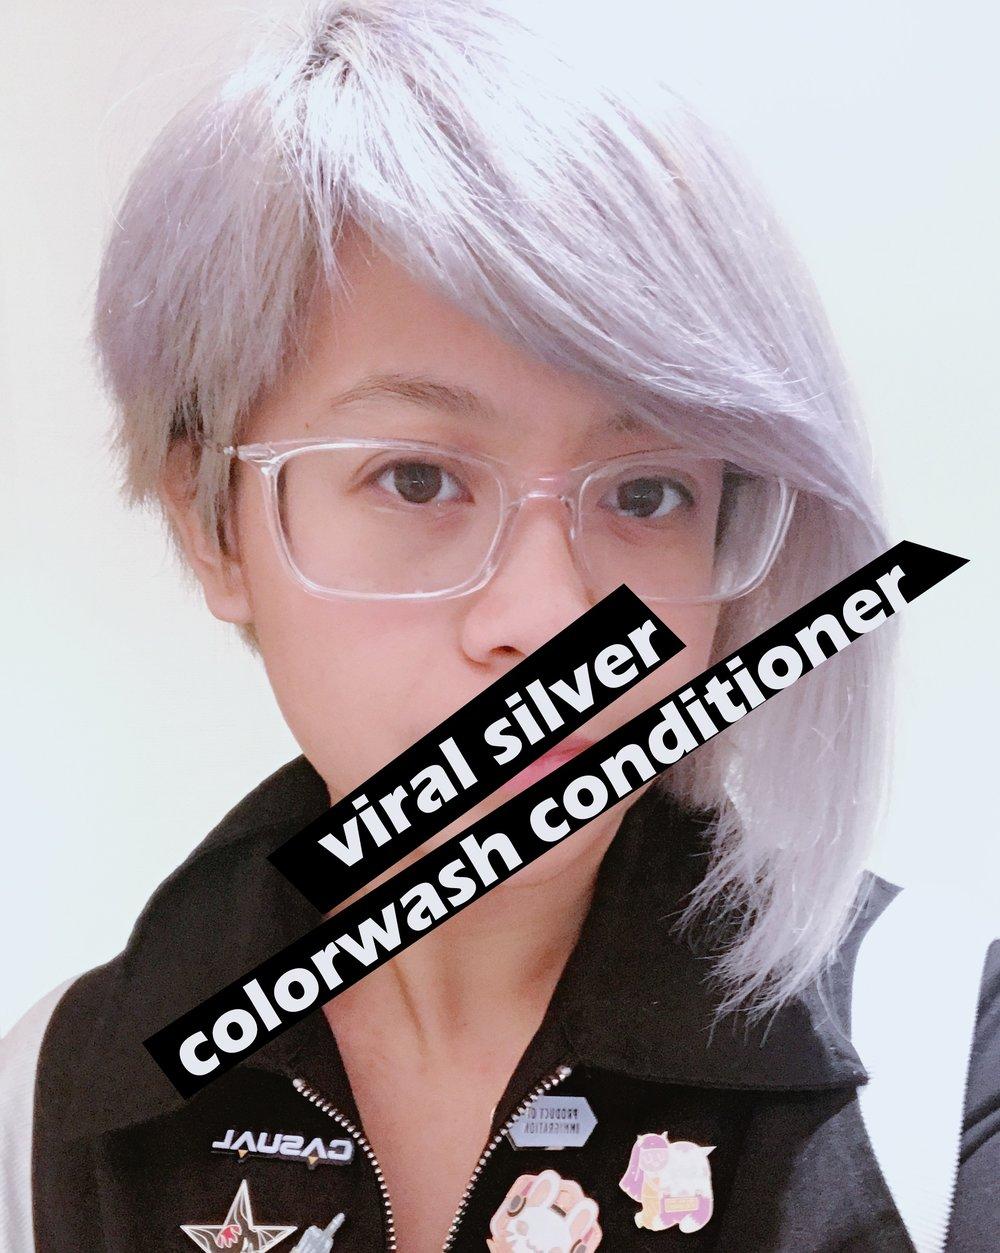 colorwash.jpg